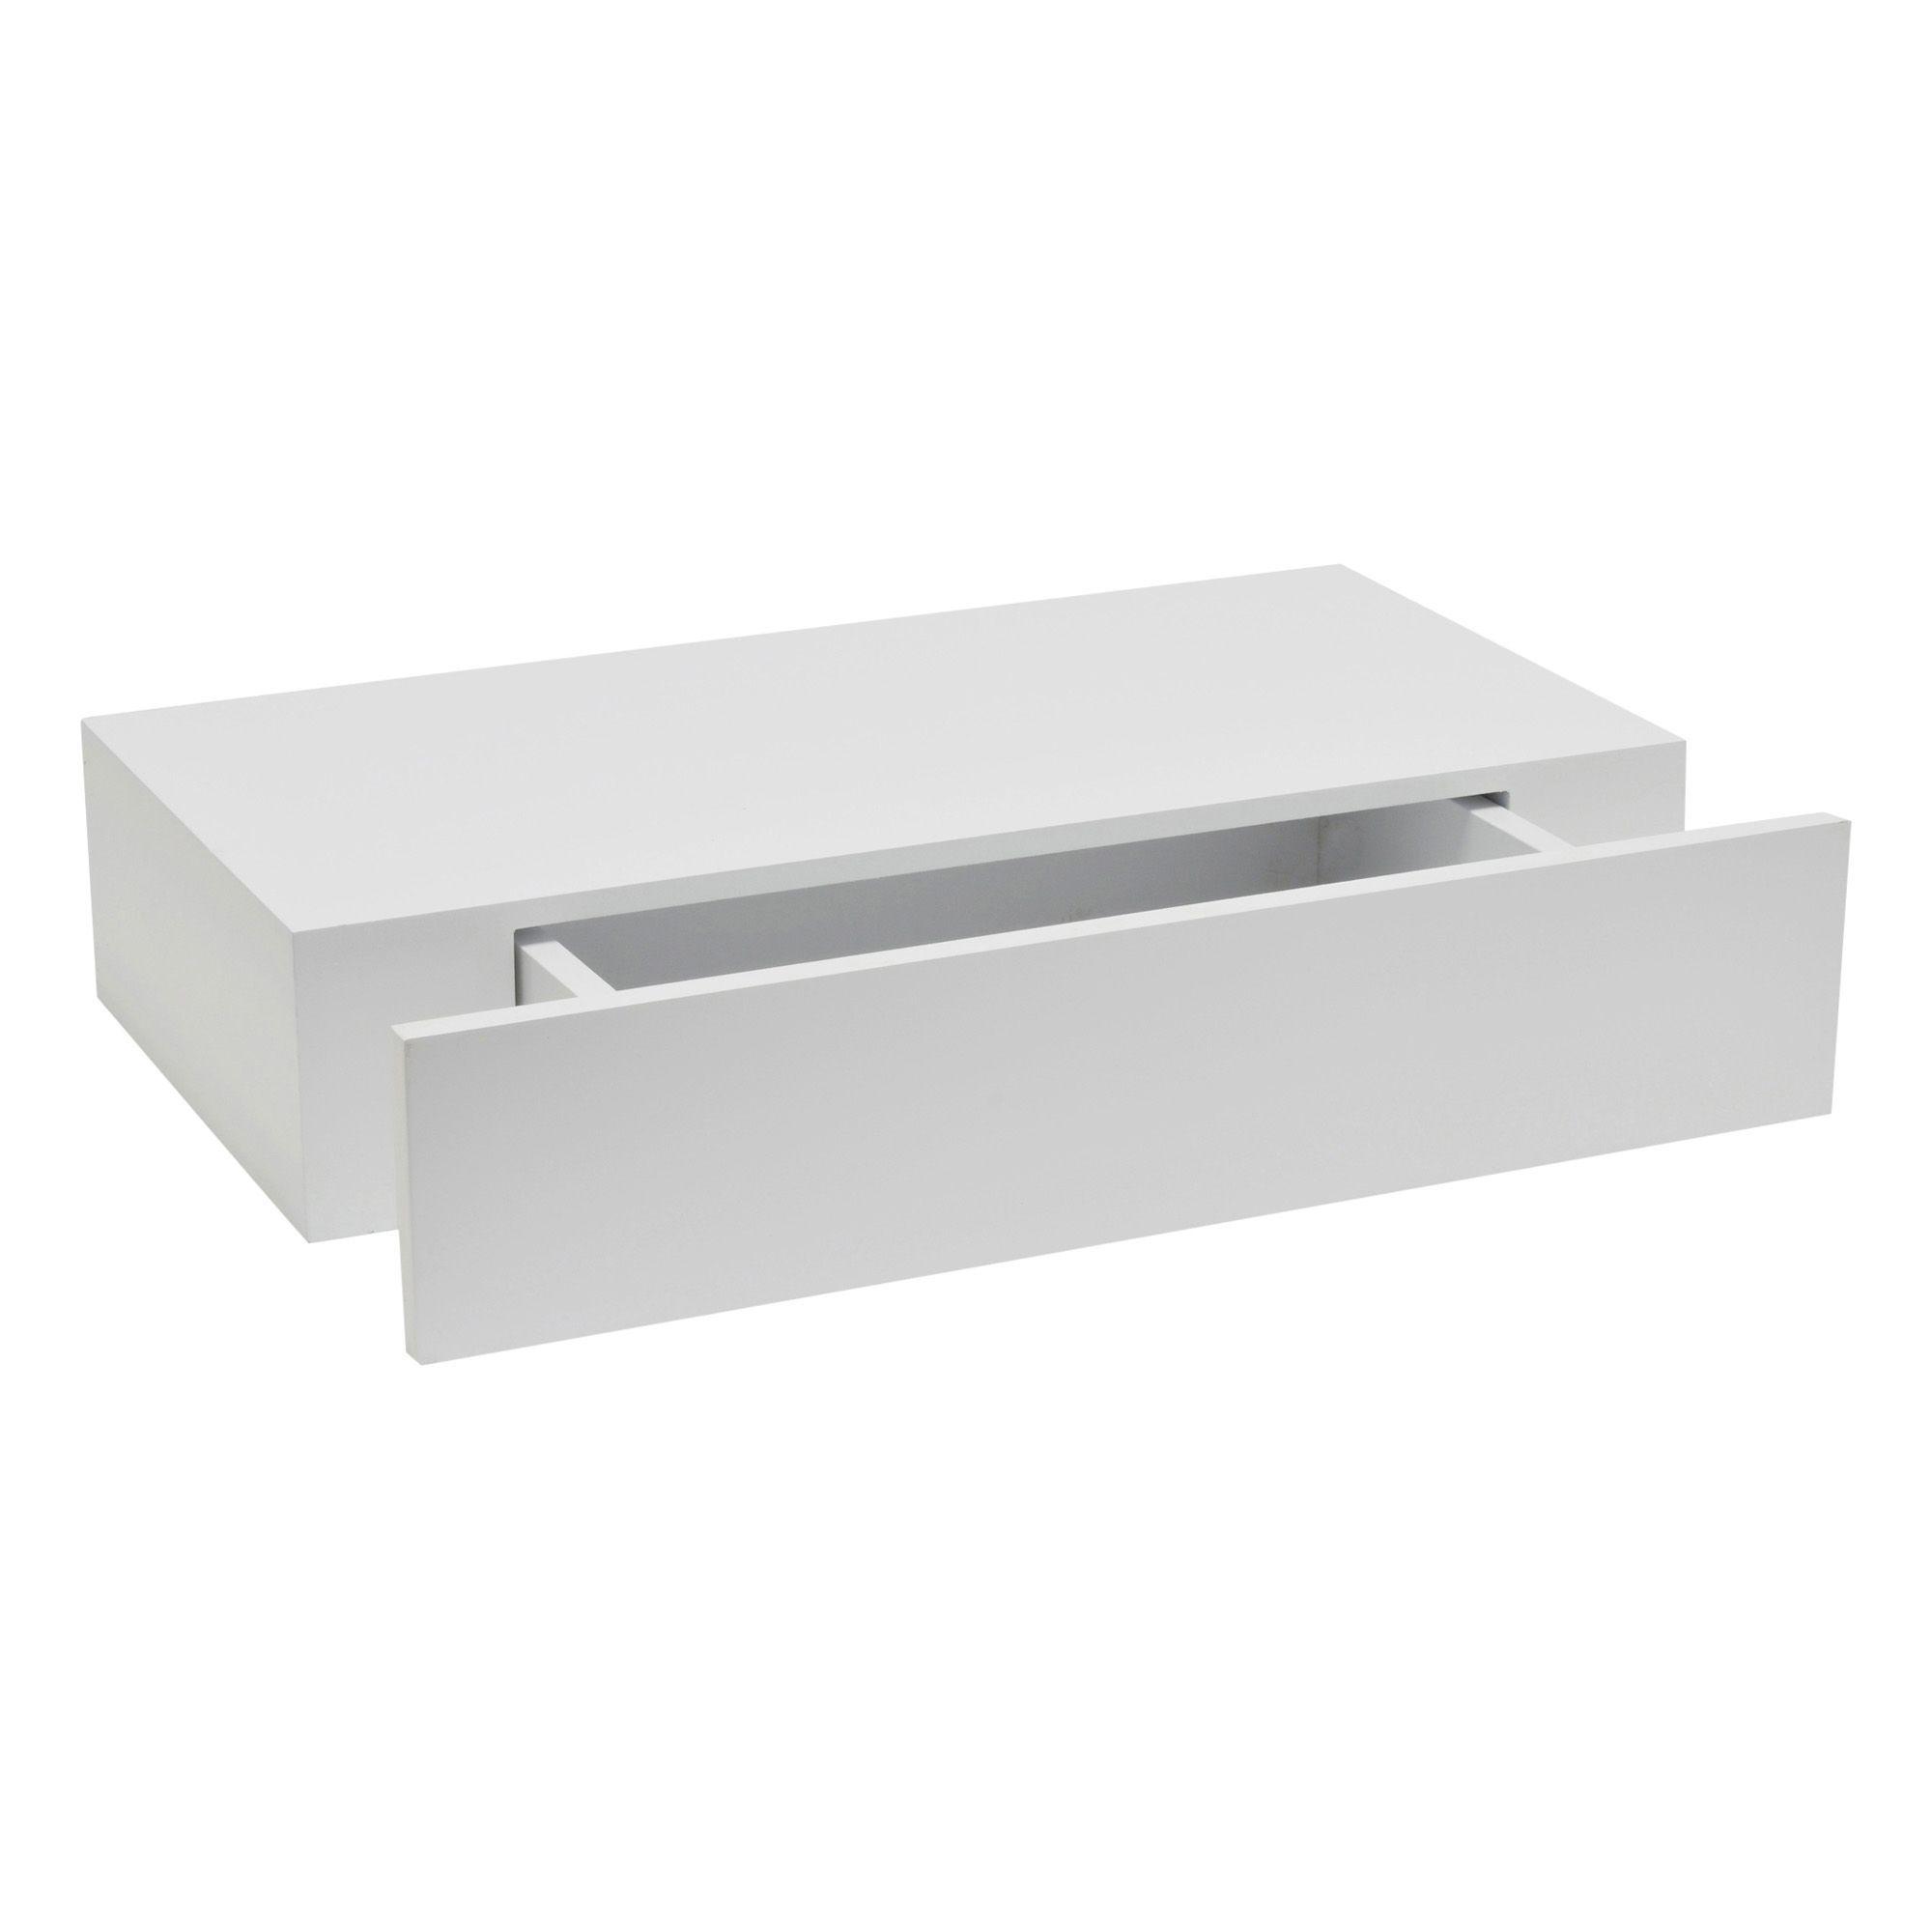 White Matt Floating drawer shelf L 480mm D 250mm